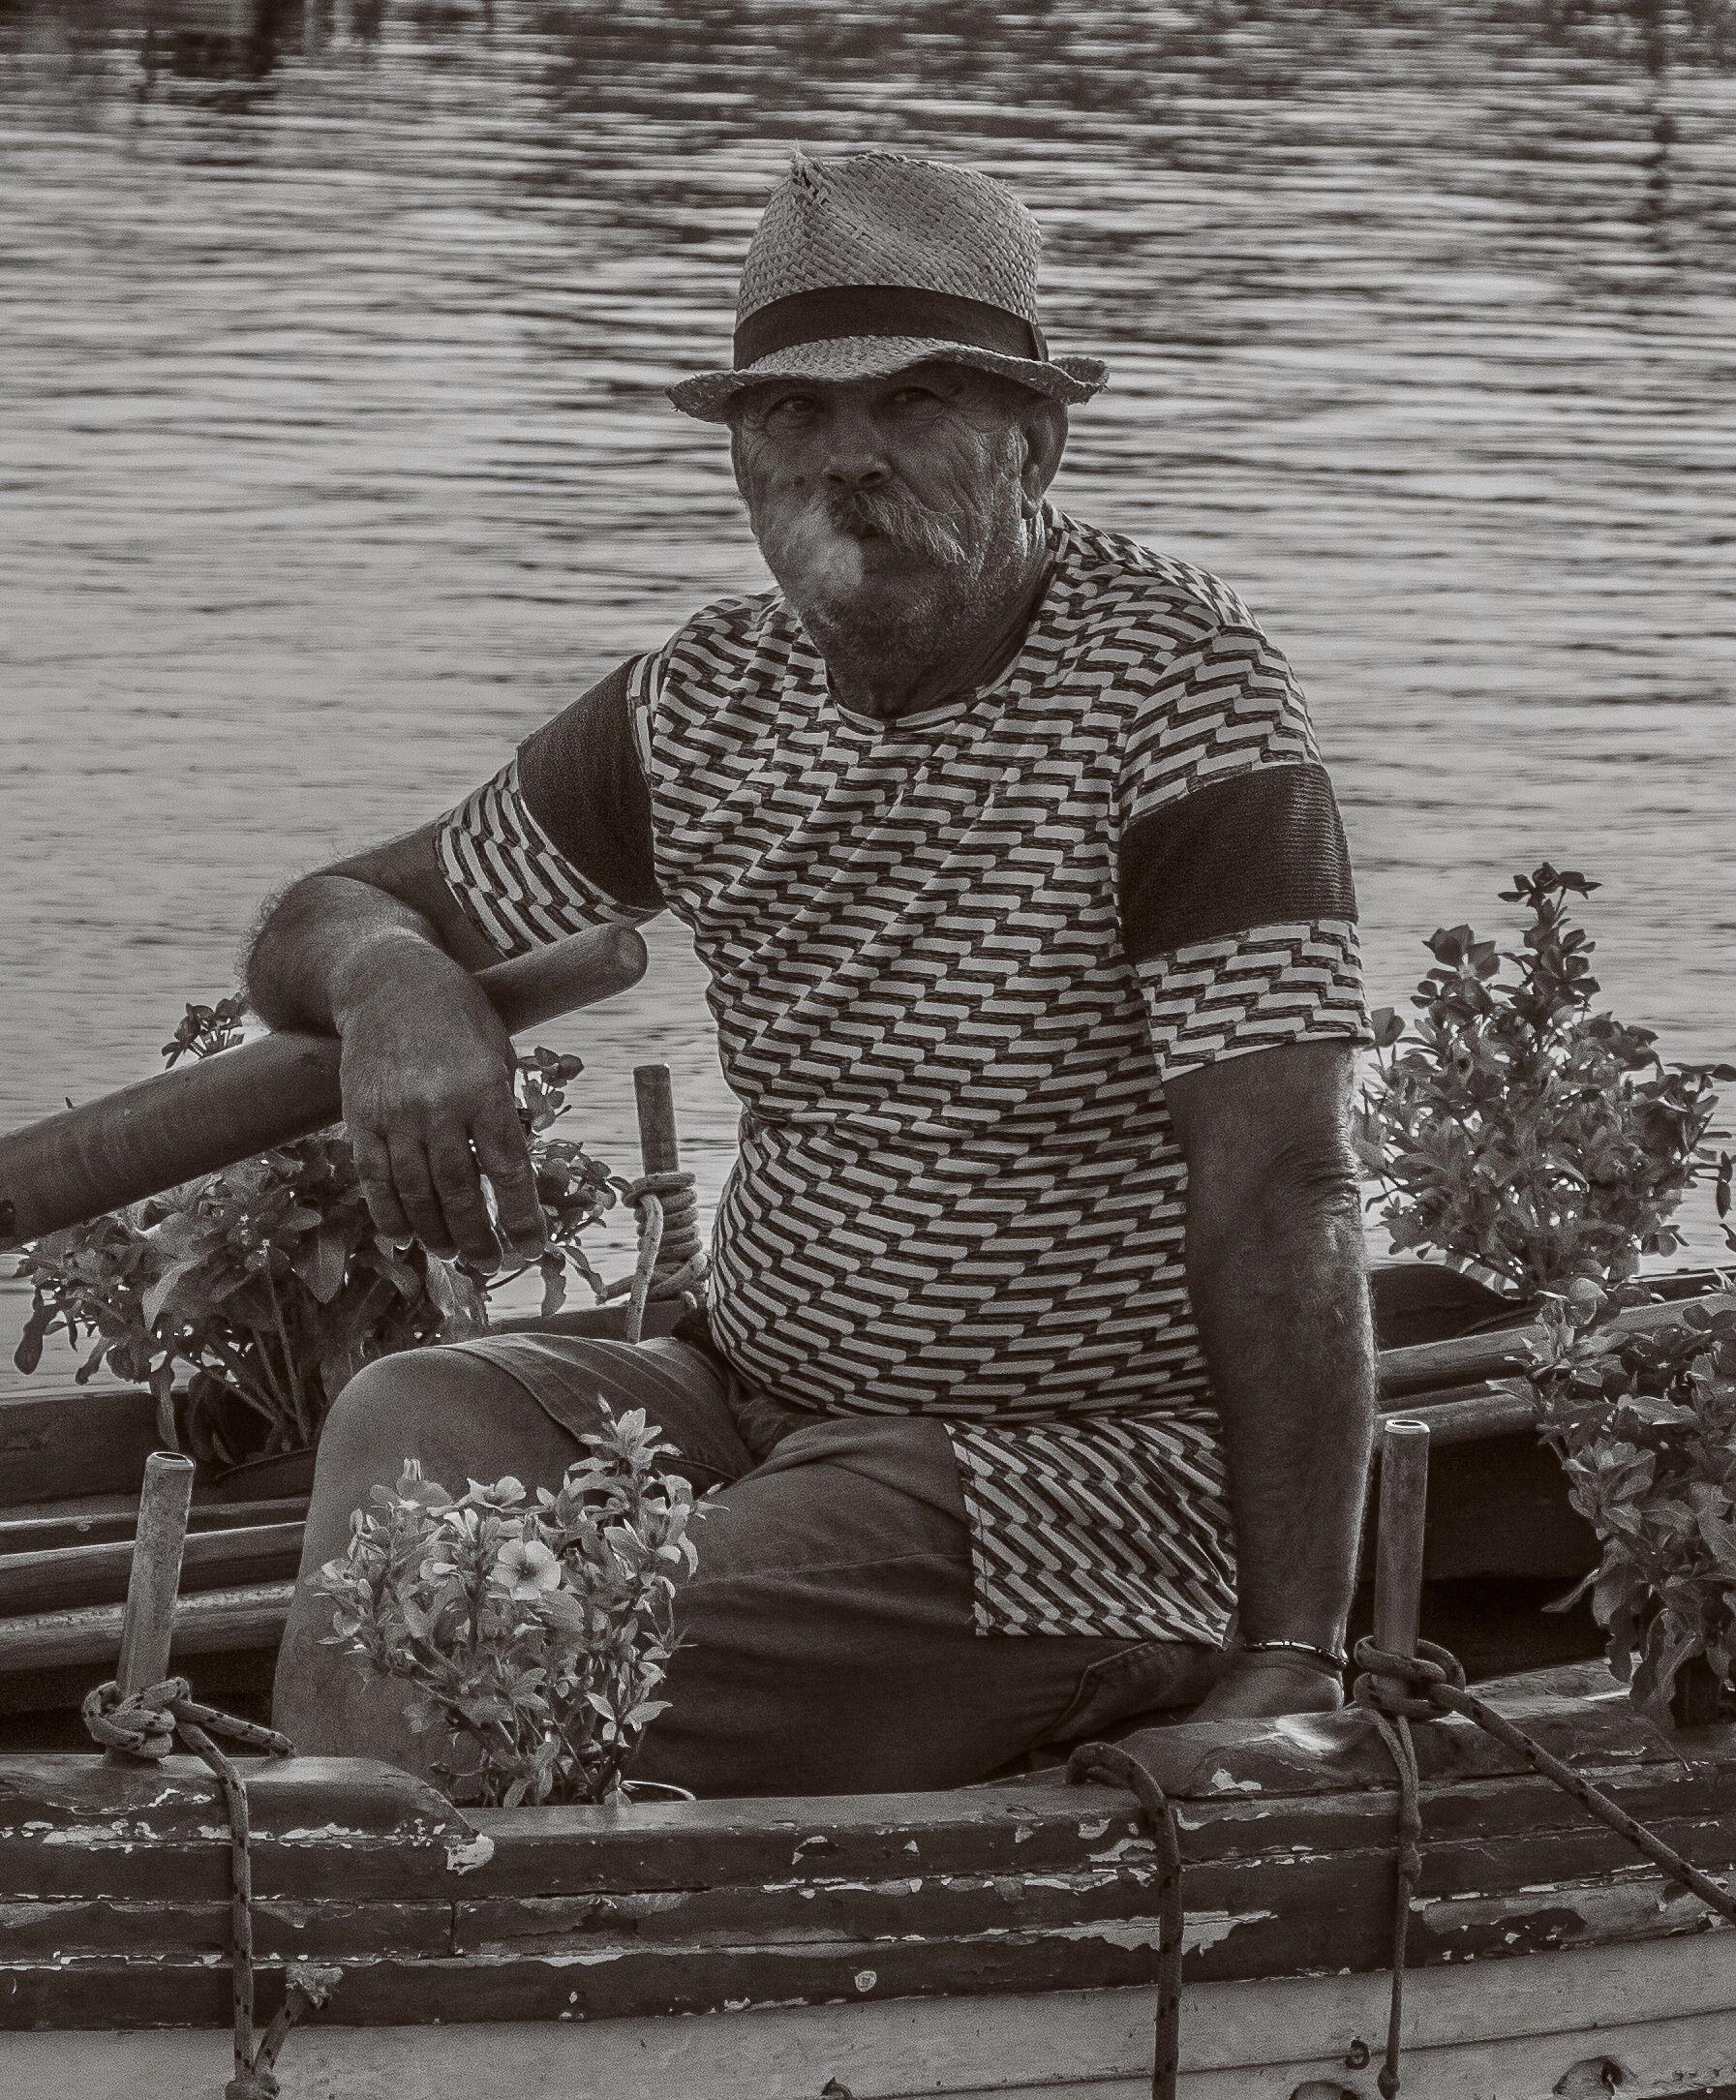 The boatman...